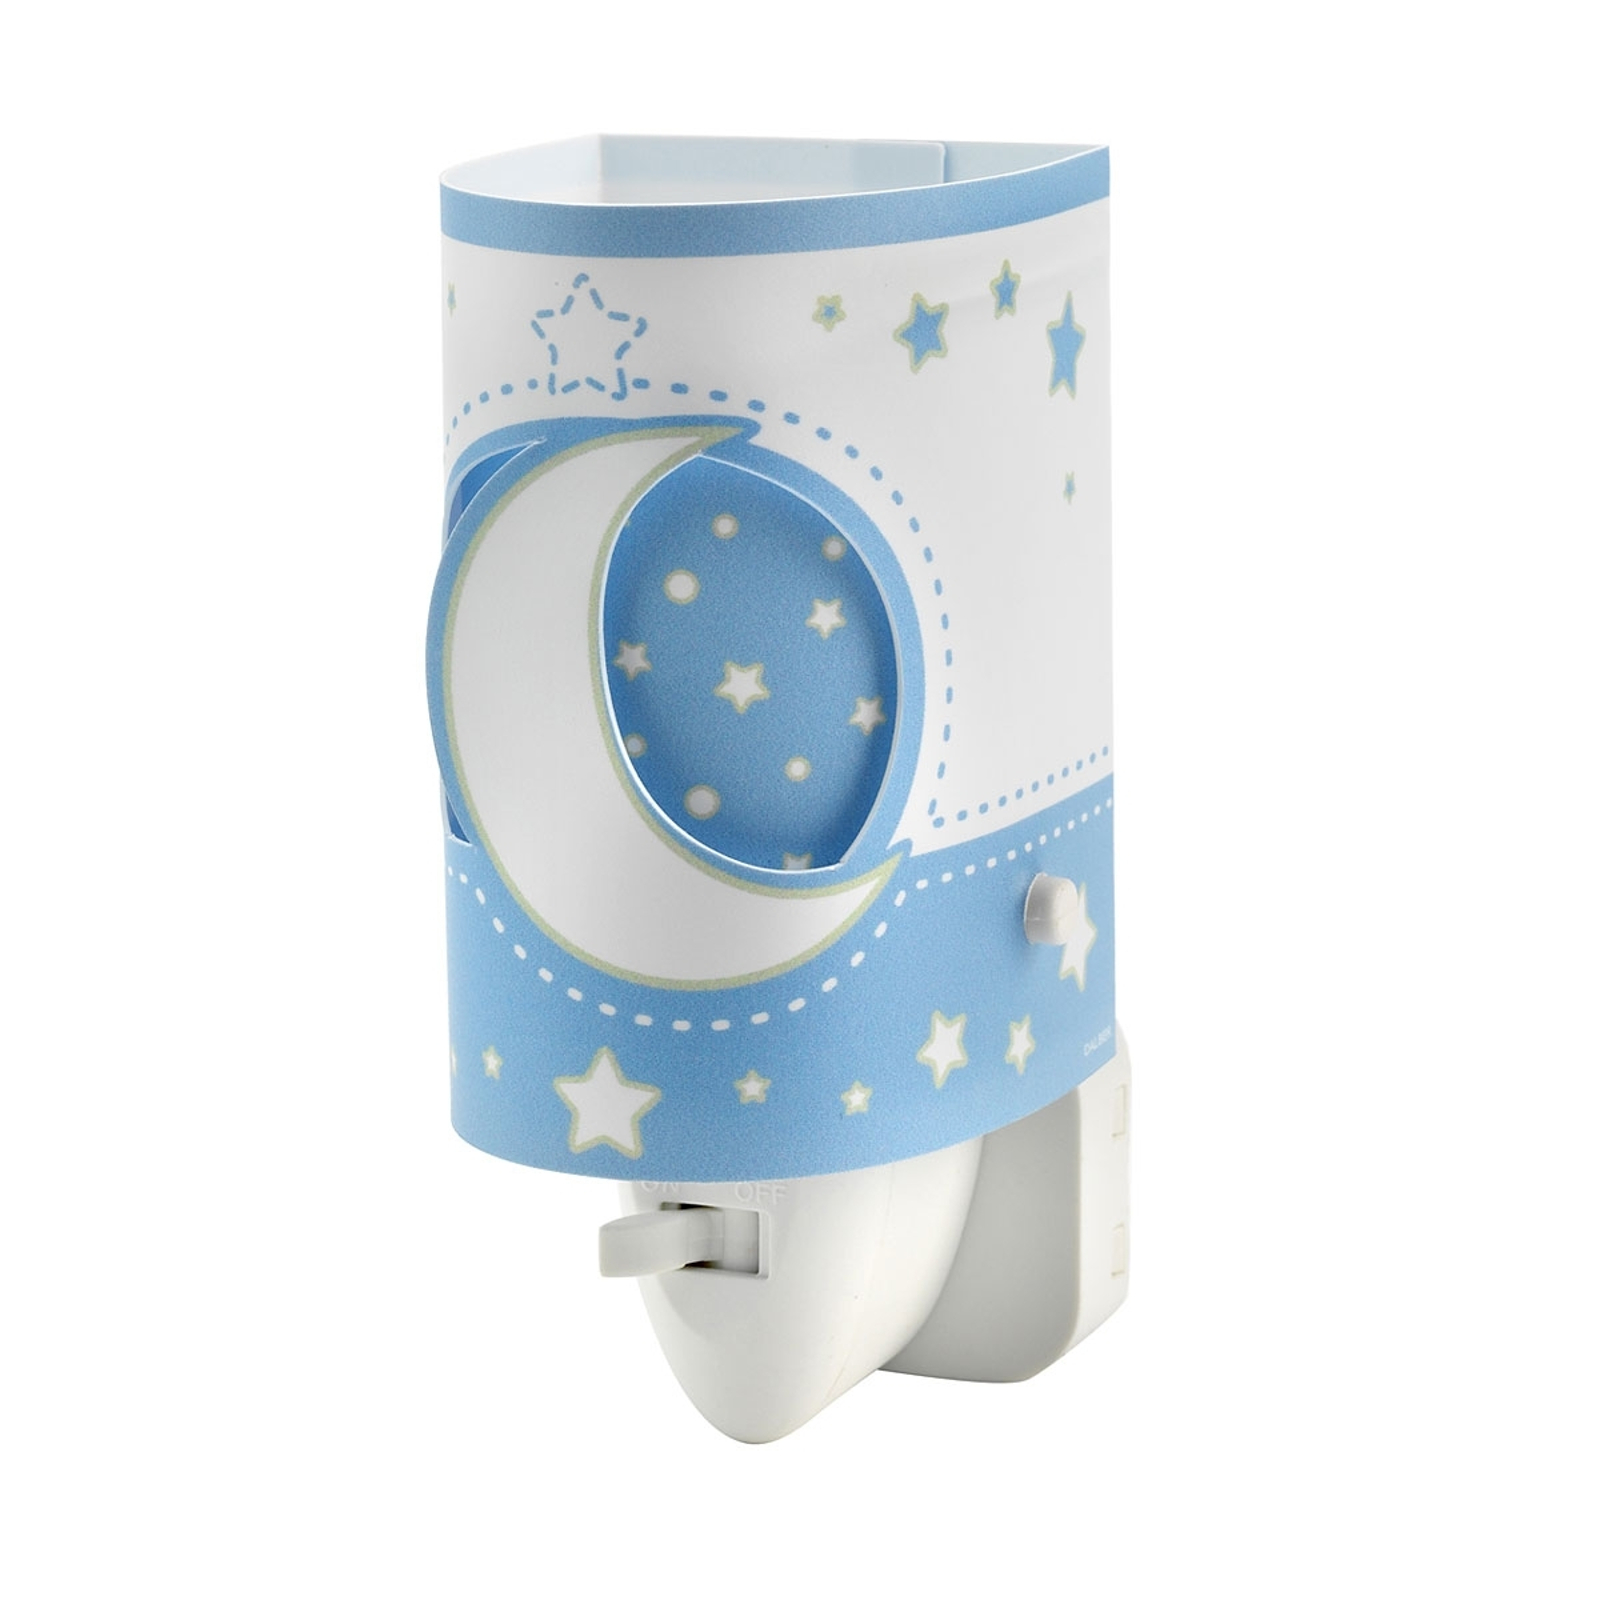 LED-nattlampa för spädbarn, ljusblå